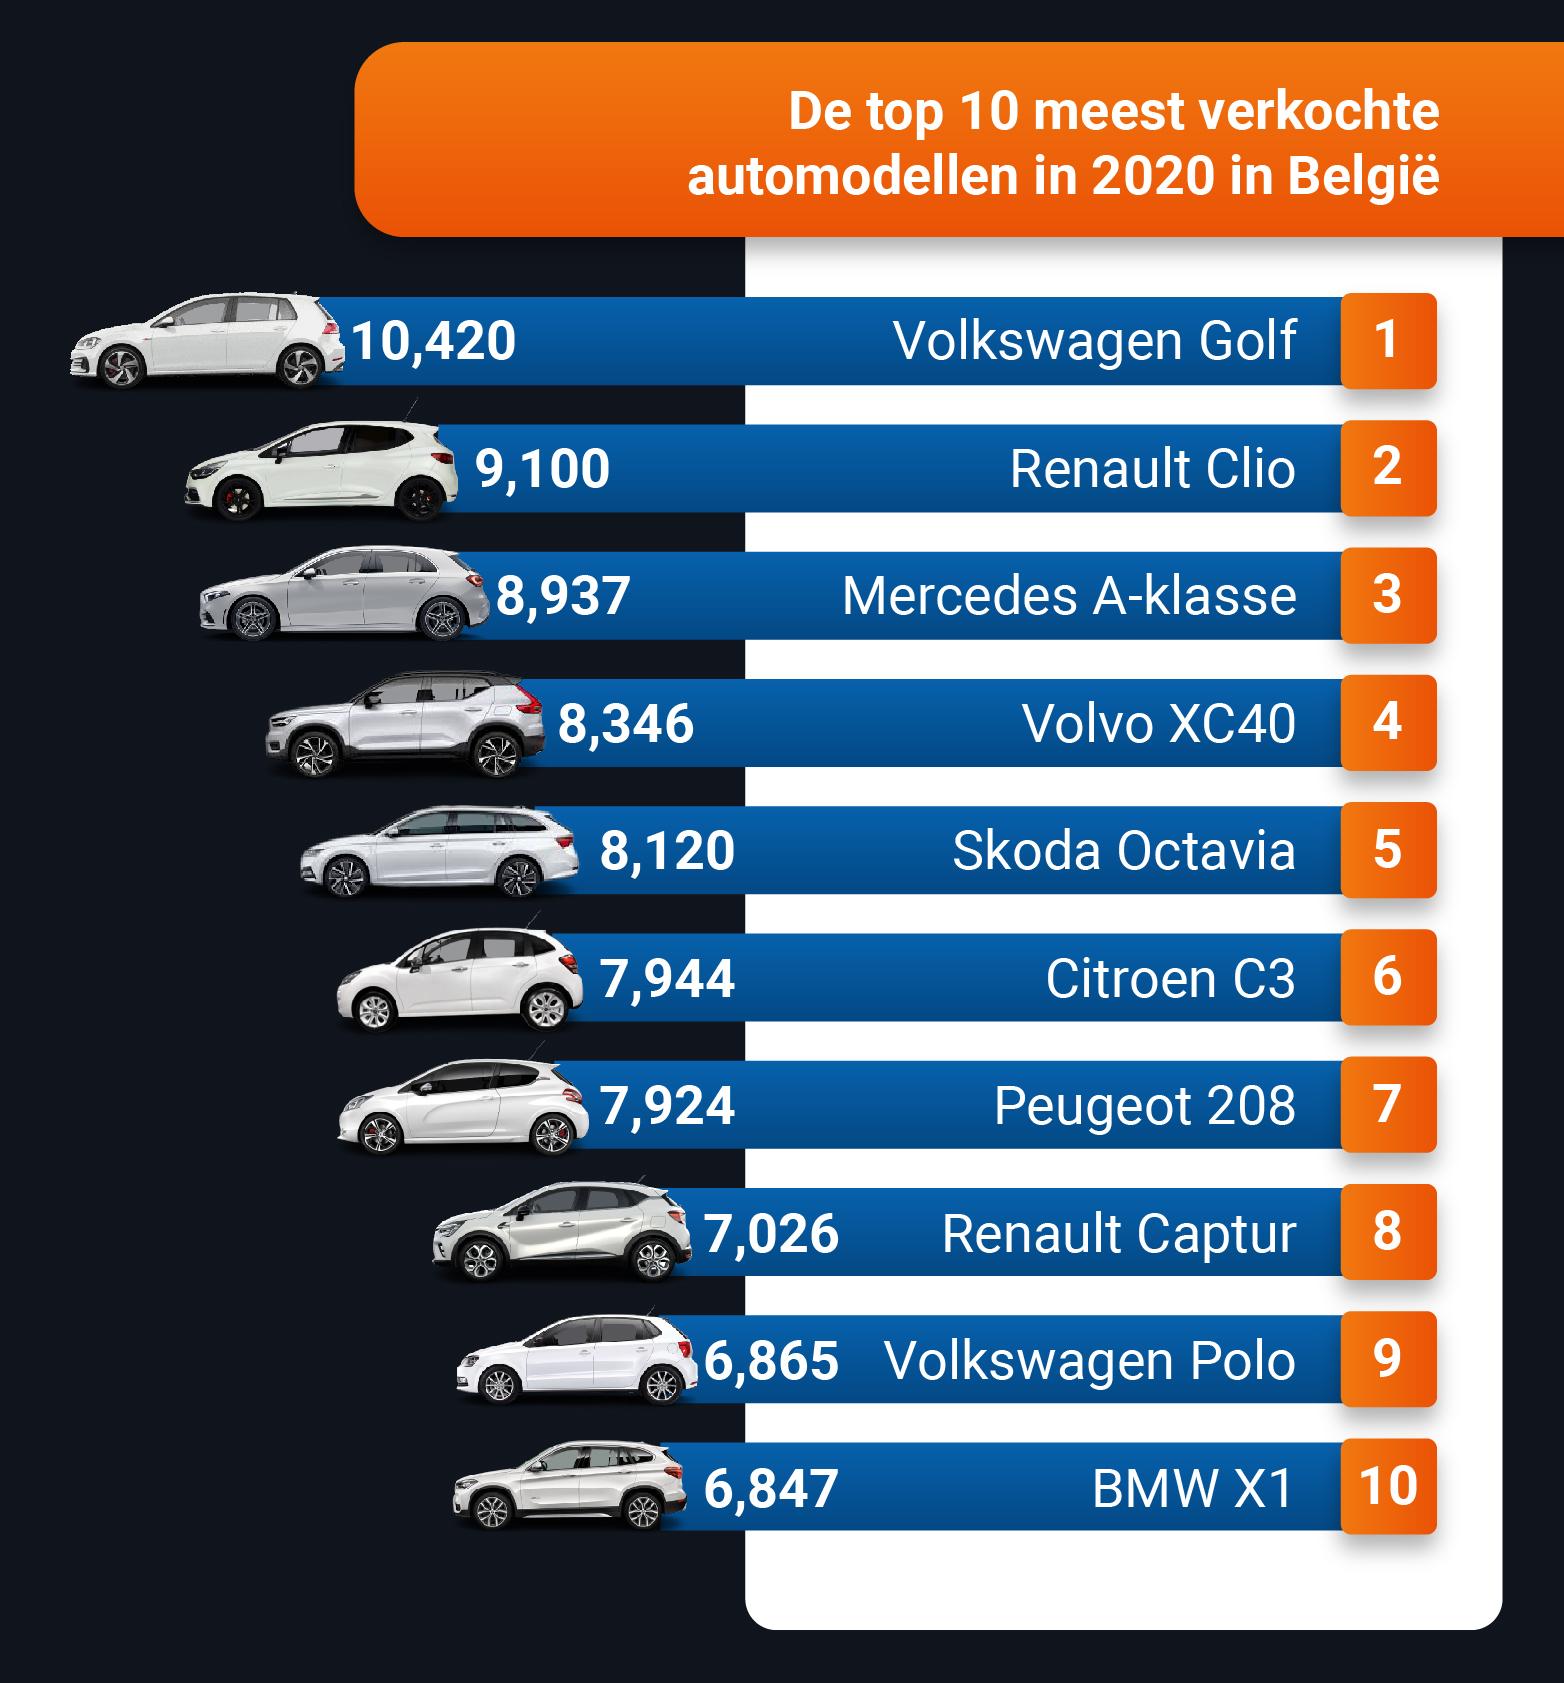 Top 10 meest verkochte auto's in België in 2020